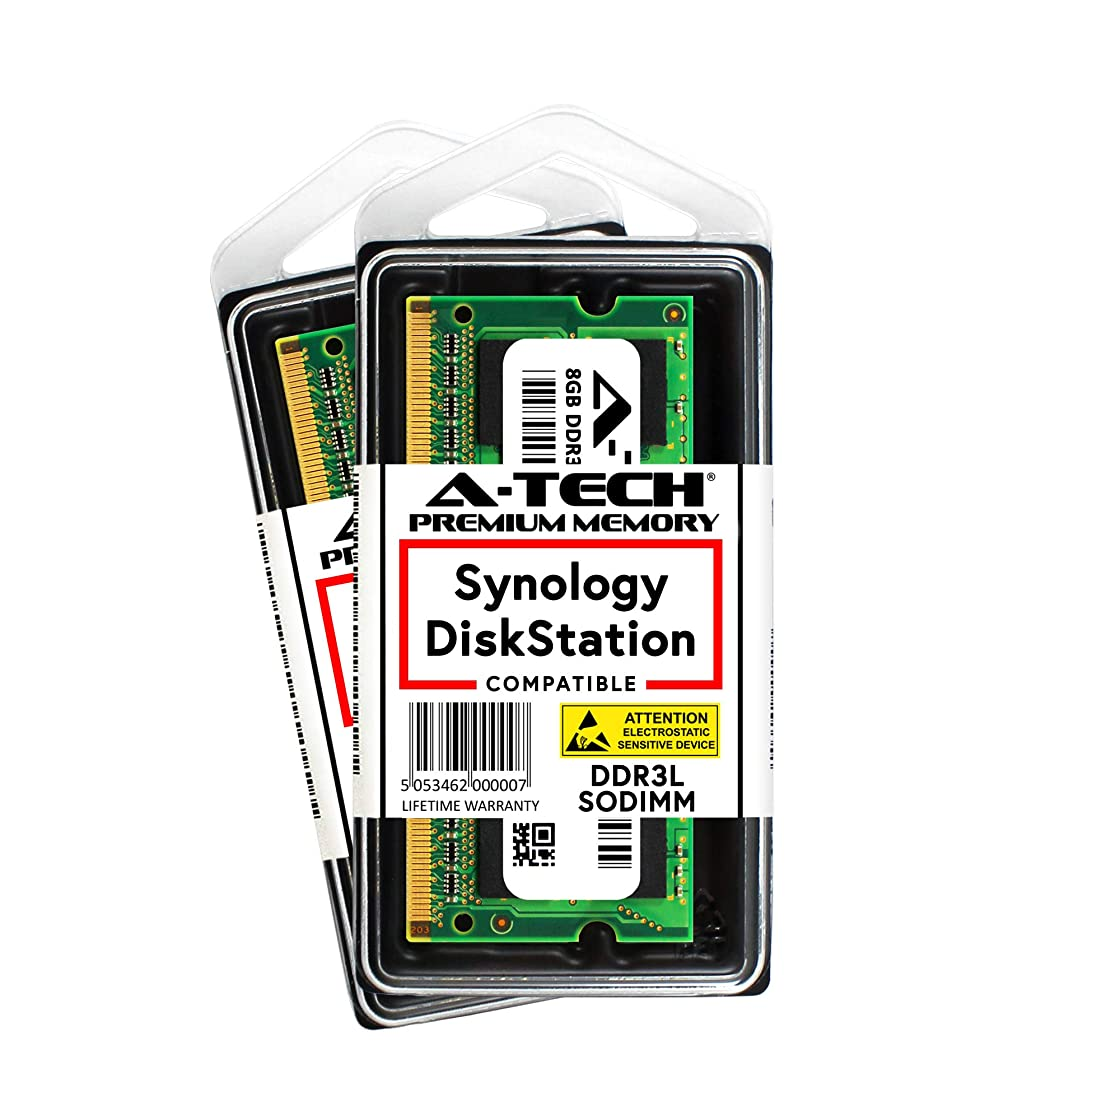 ローラーレパートリー考古学者A-Tech 16GB キット (2 x 8GB) Synology DiskStation DS1517+ DS1817+ NAS サーバー用 - DDR3/DDR3L 1600Mhz PC3L-12800 1.35v SODIMM メモリー RAM (Synology RAM1600DDR3L-8GBx2に相当)